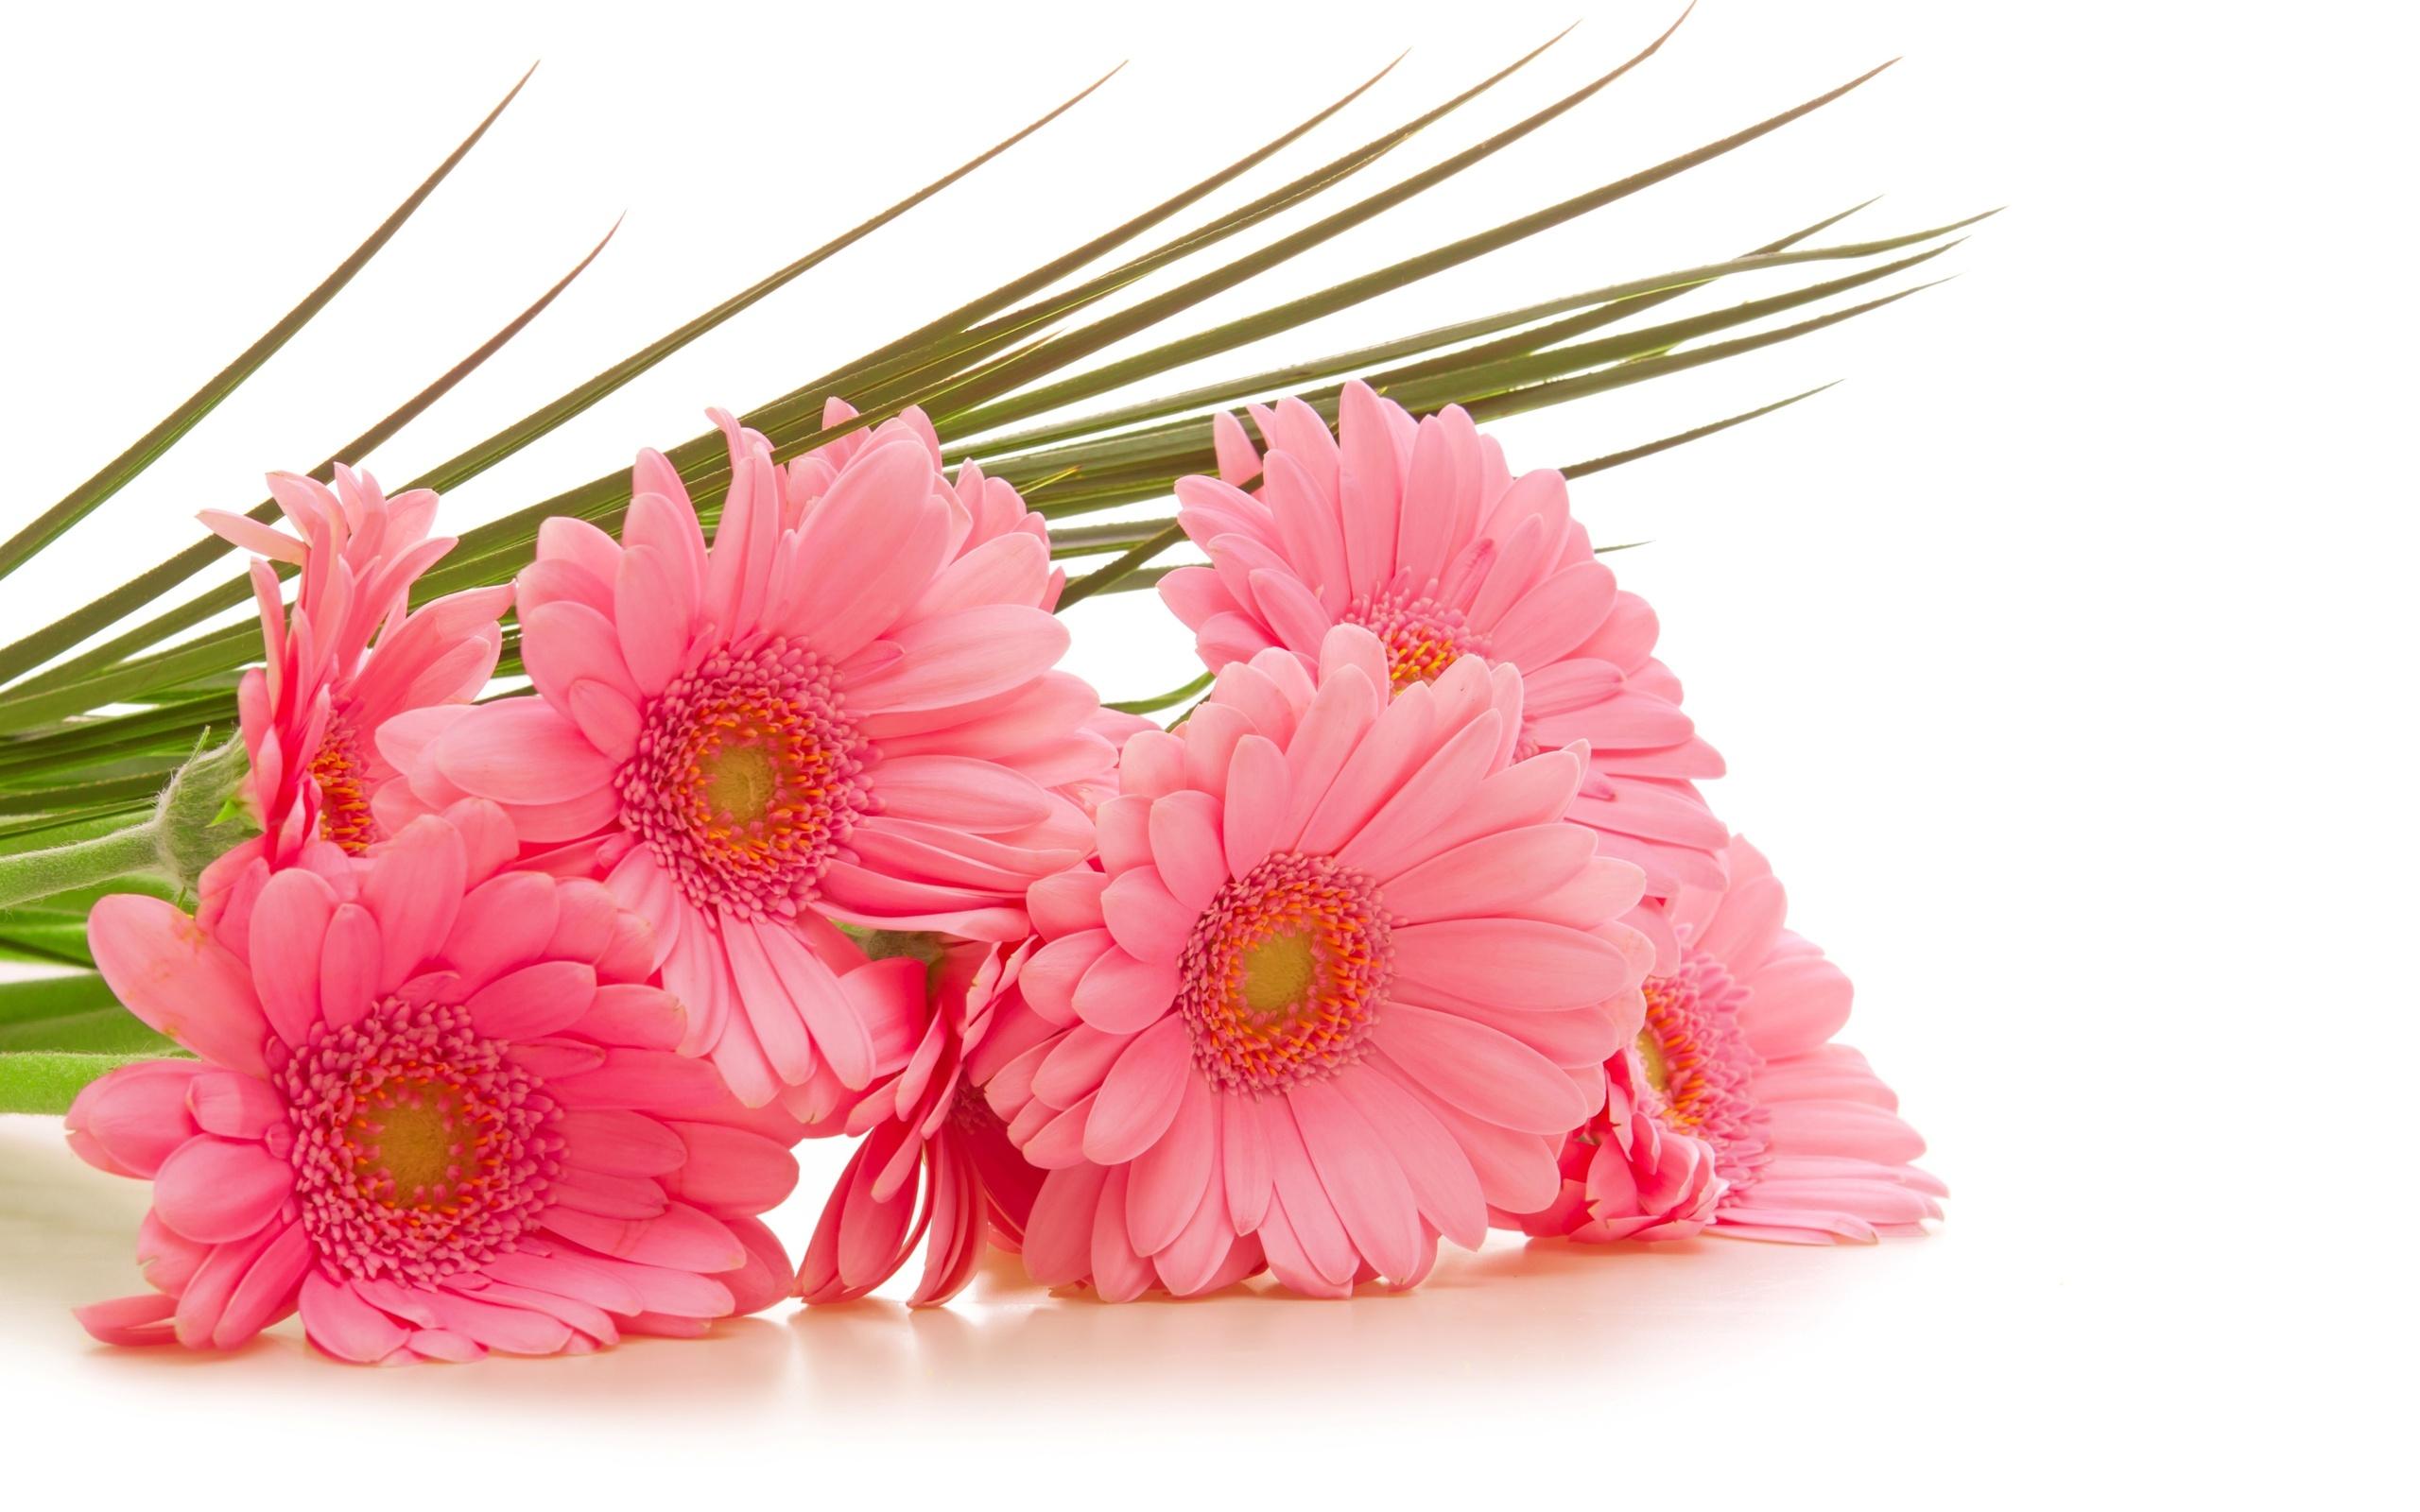 Открытка с цветами на белом фоне